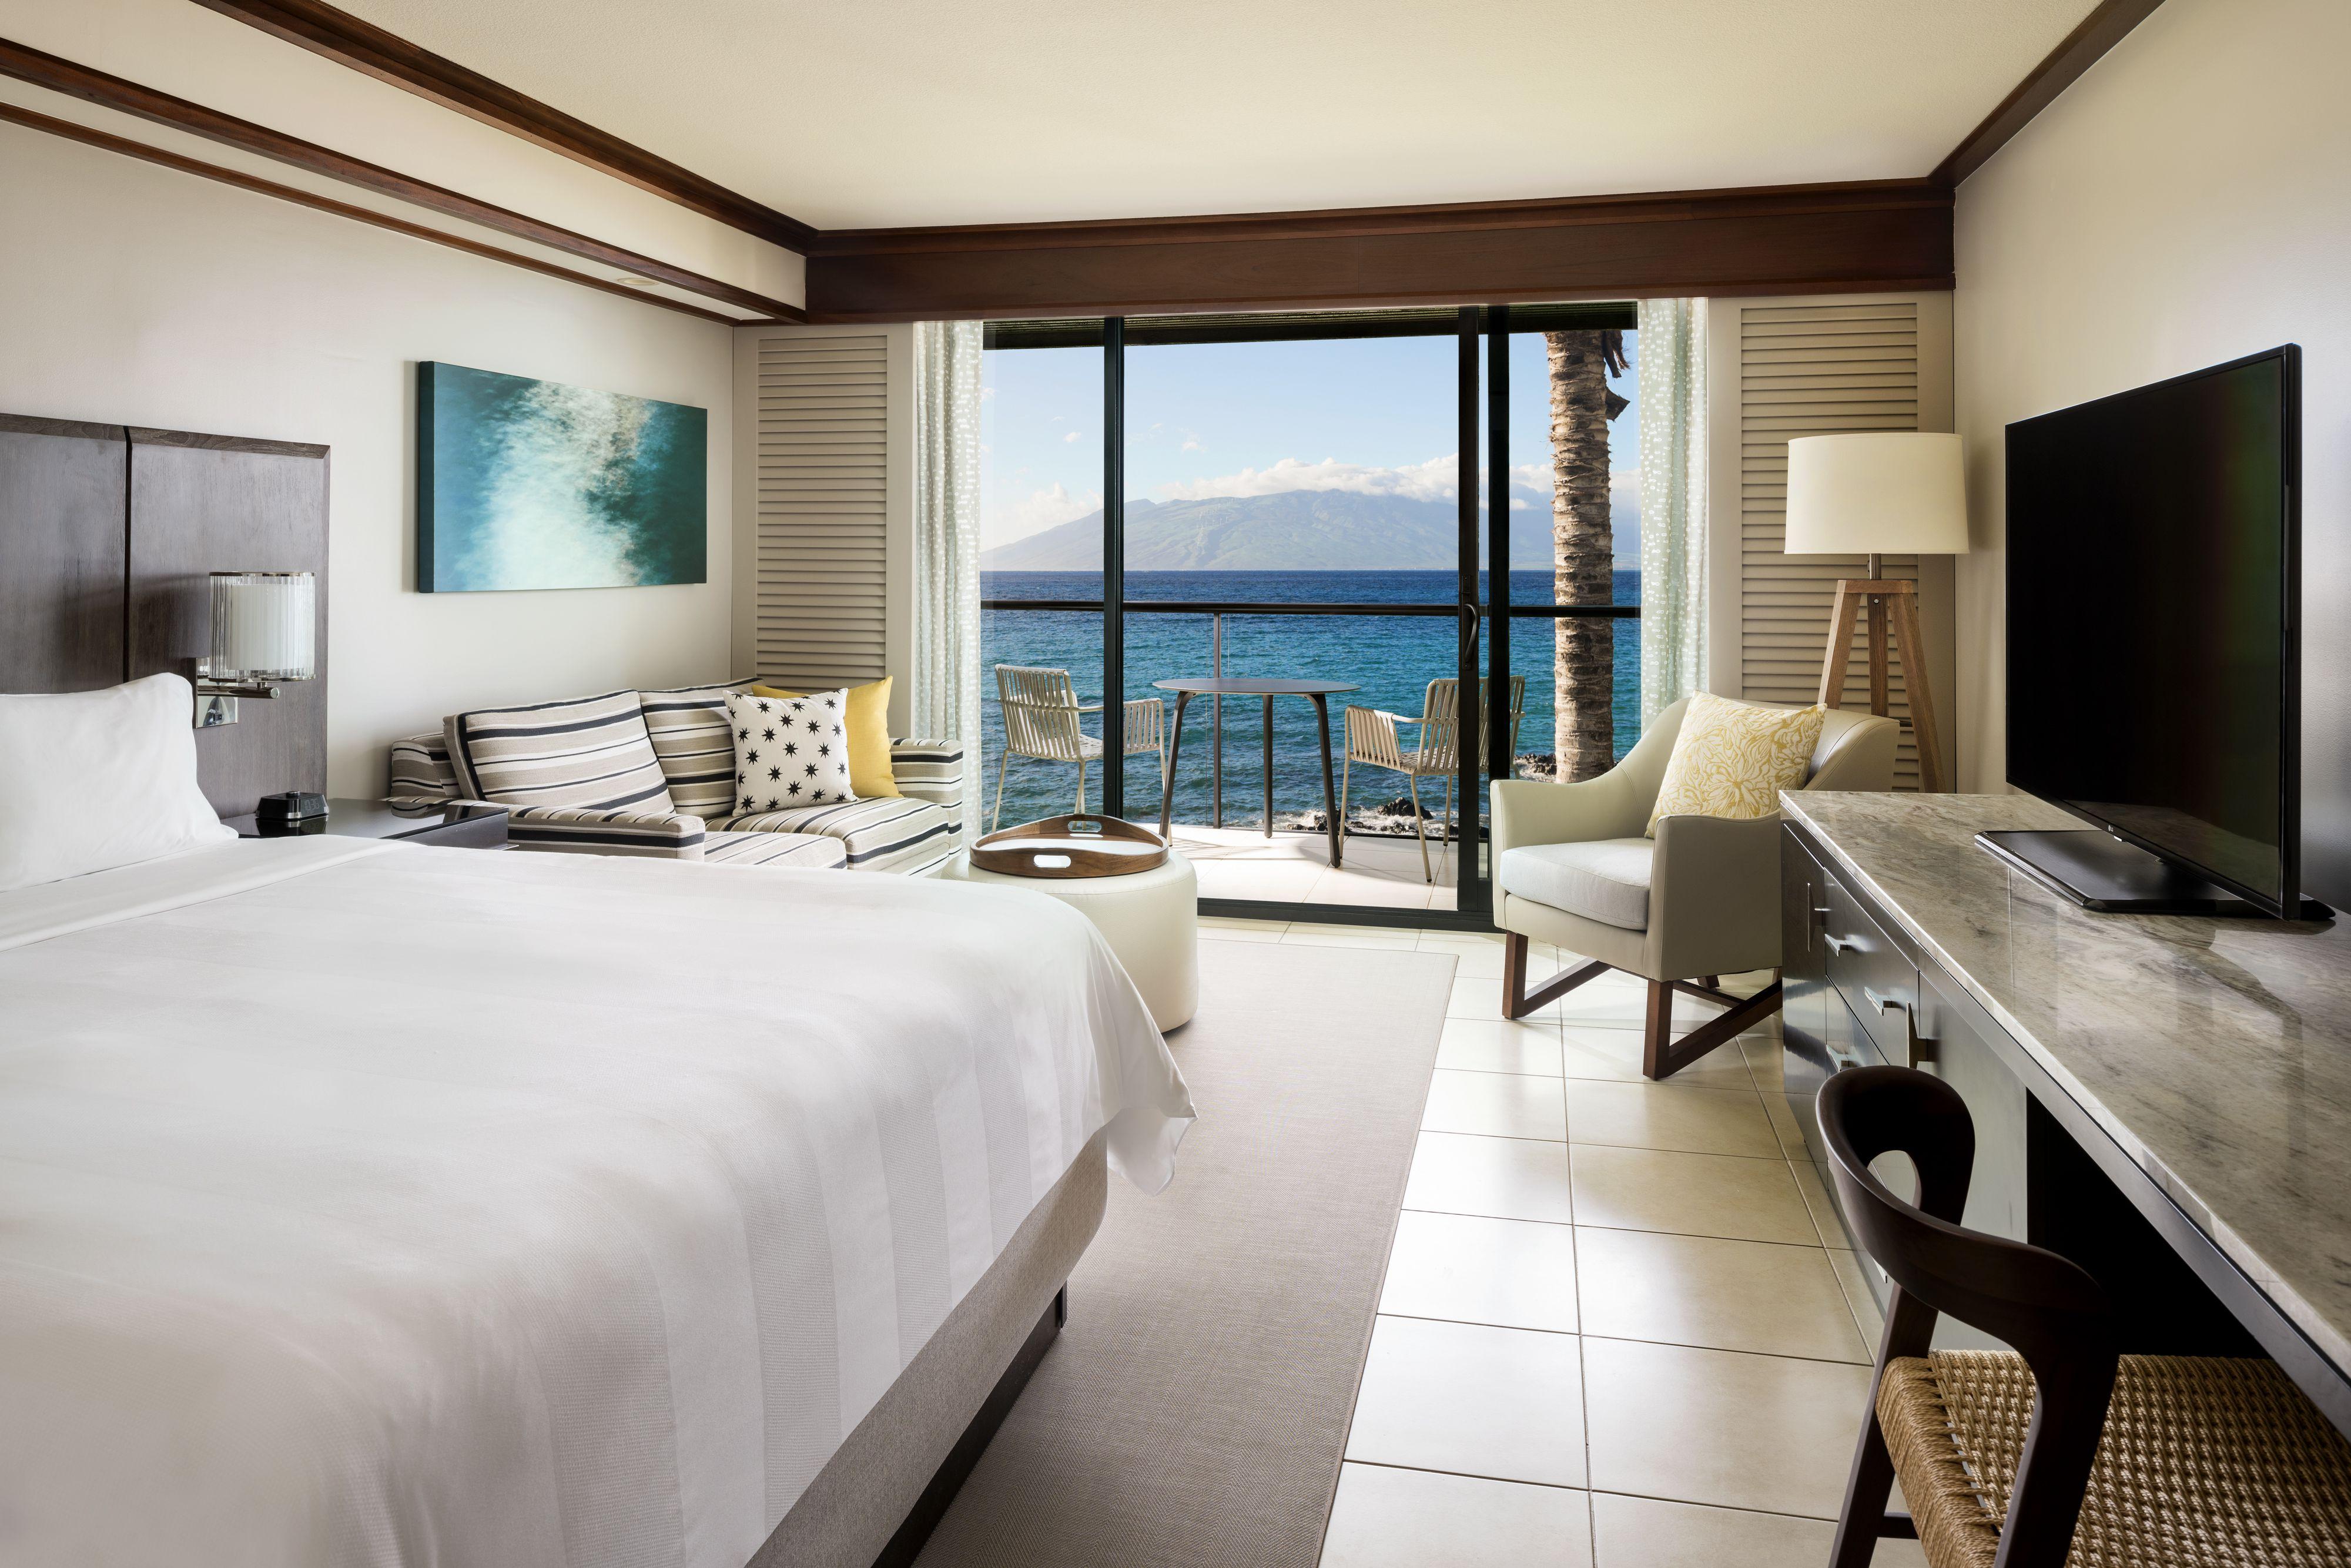 Wailea Marriott Maui king room